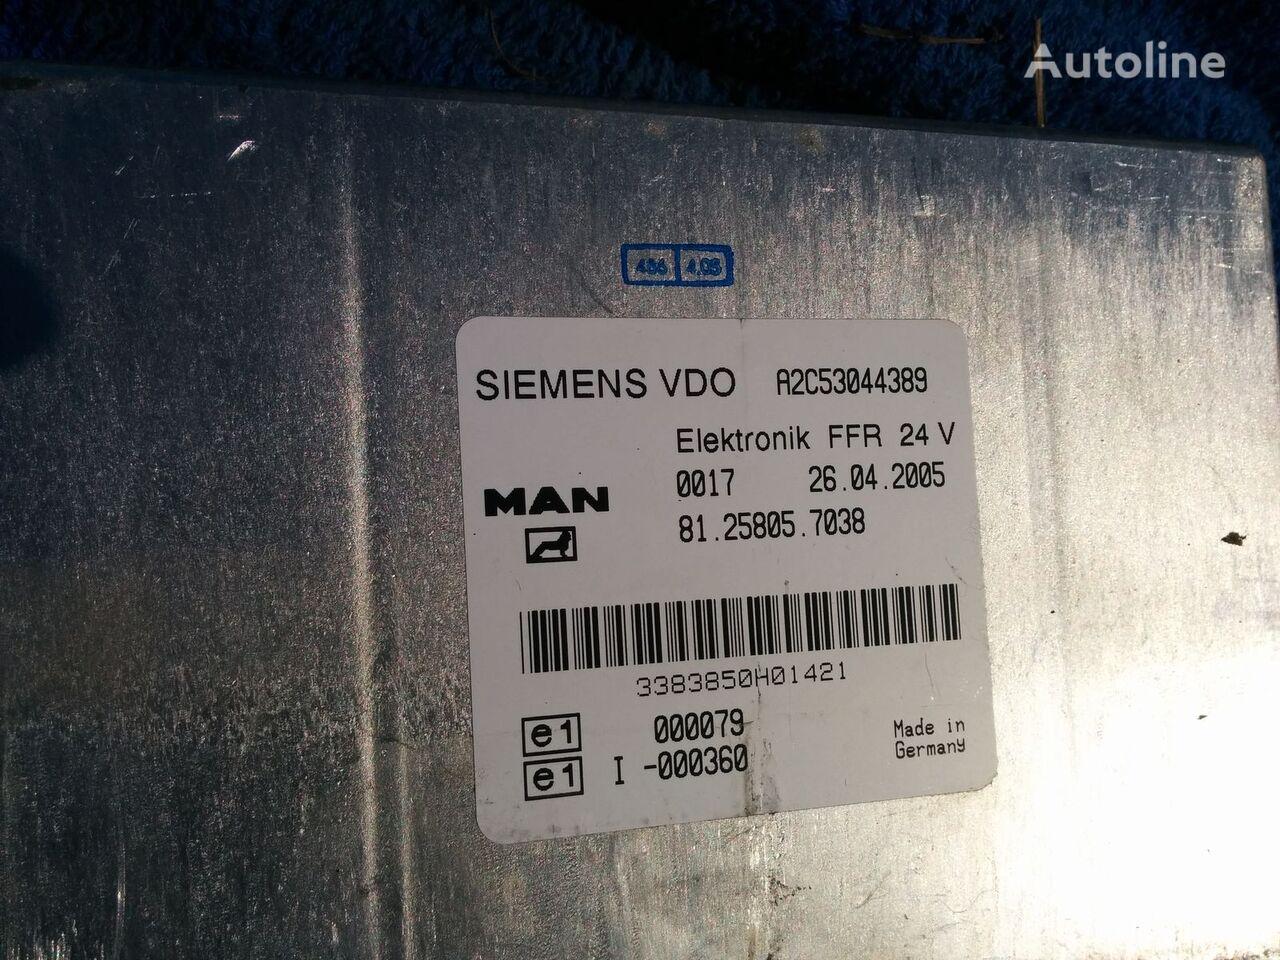 MAN VDO A2C53044389 . 81.25805.7038 .412.413.1.2. control unit for MAN citi bus